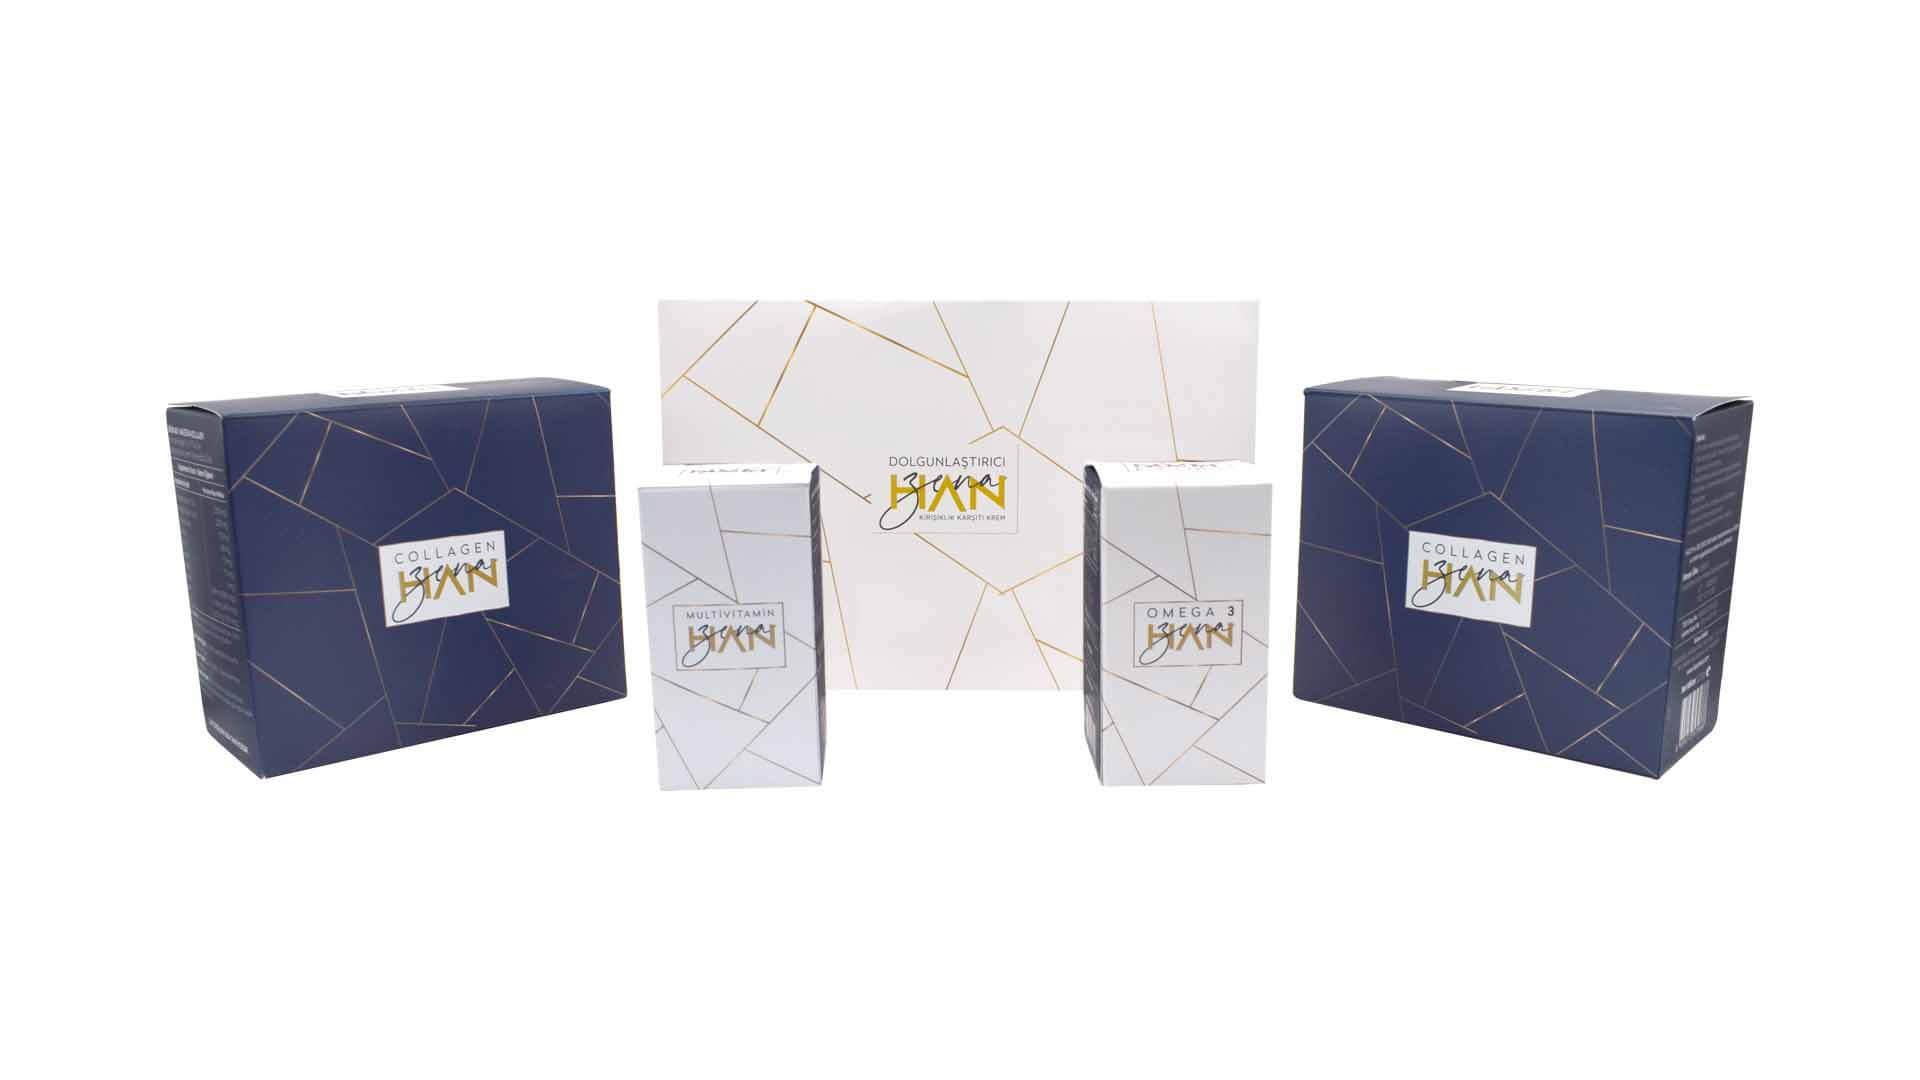 Asistanin-Urun-Cekimi-Hanzena-1